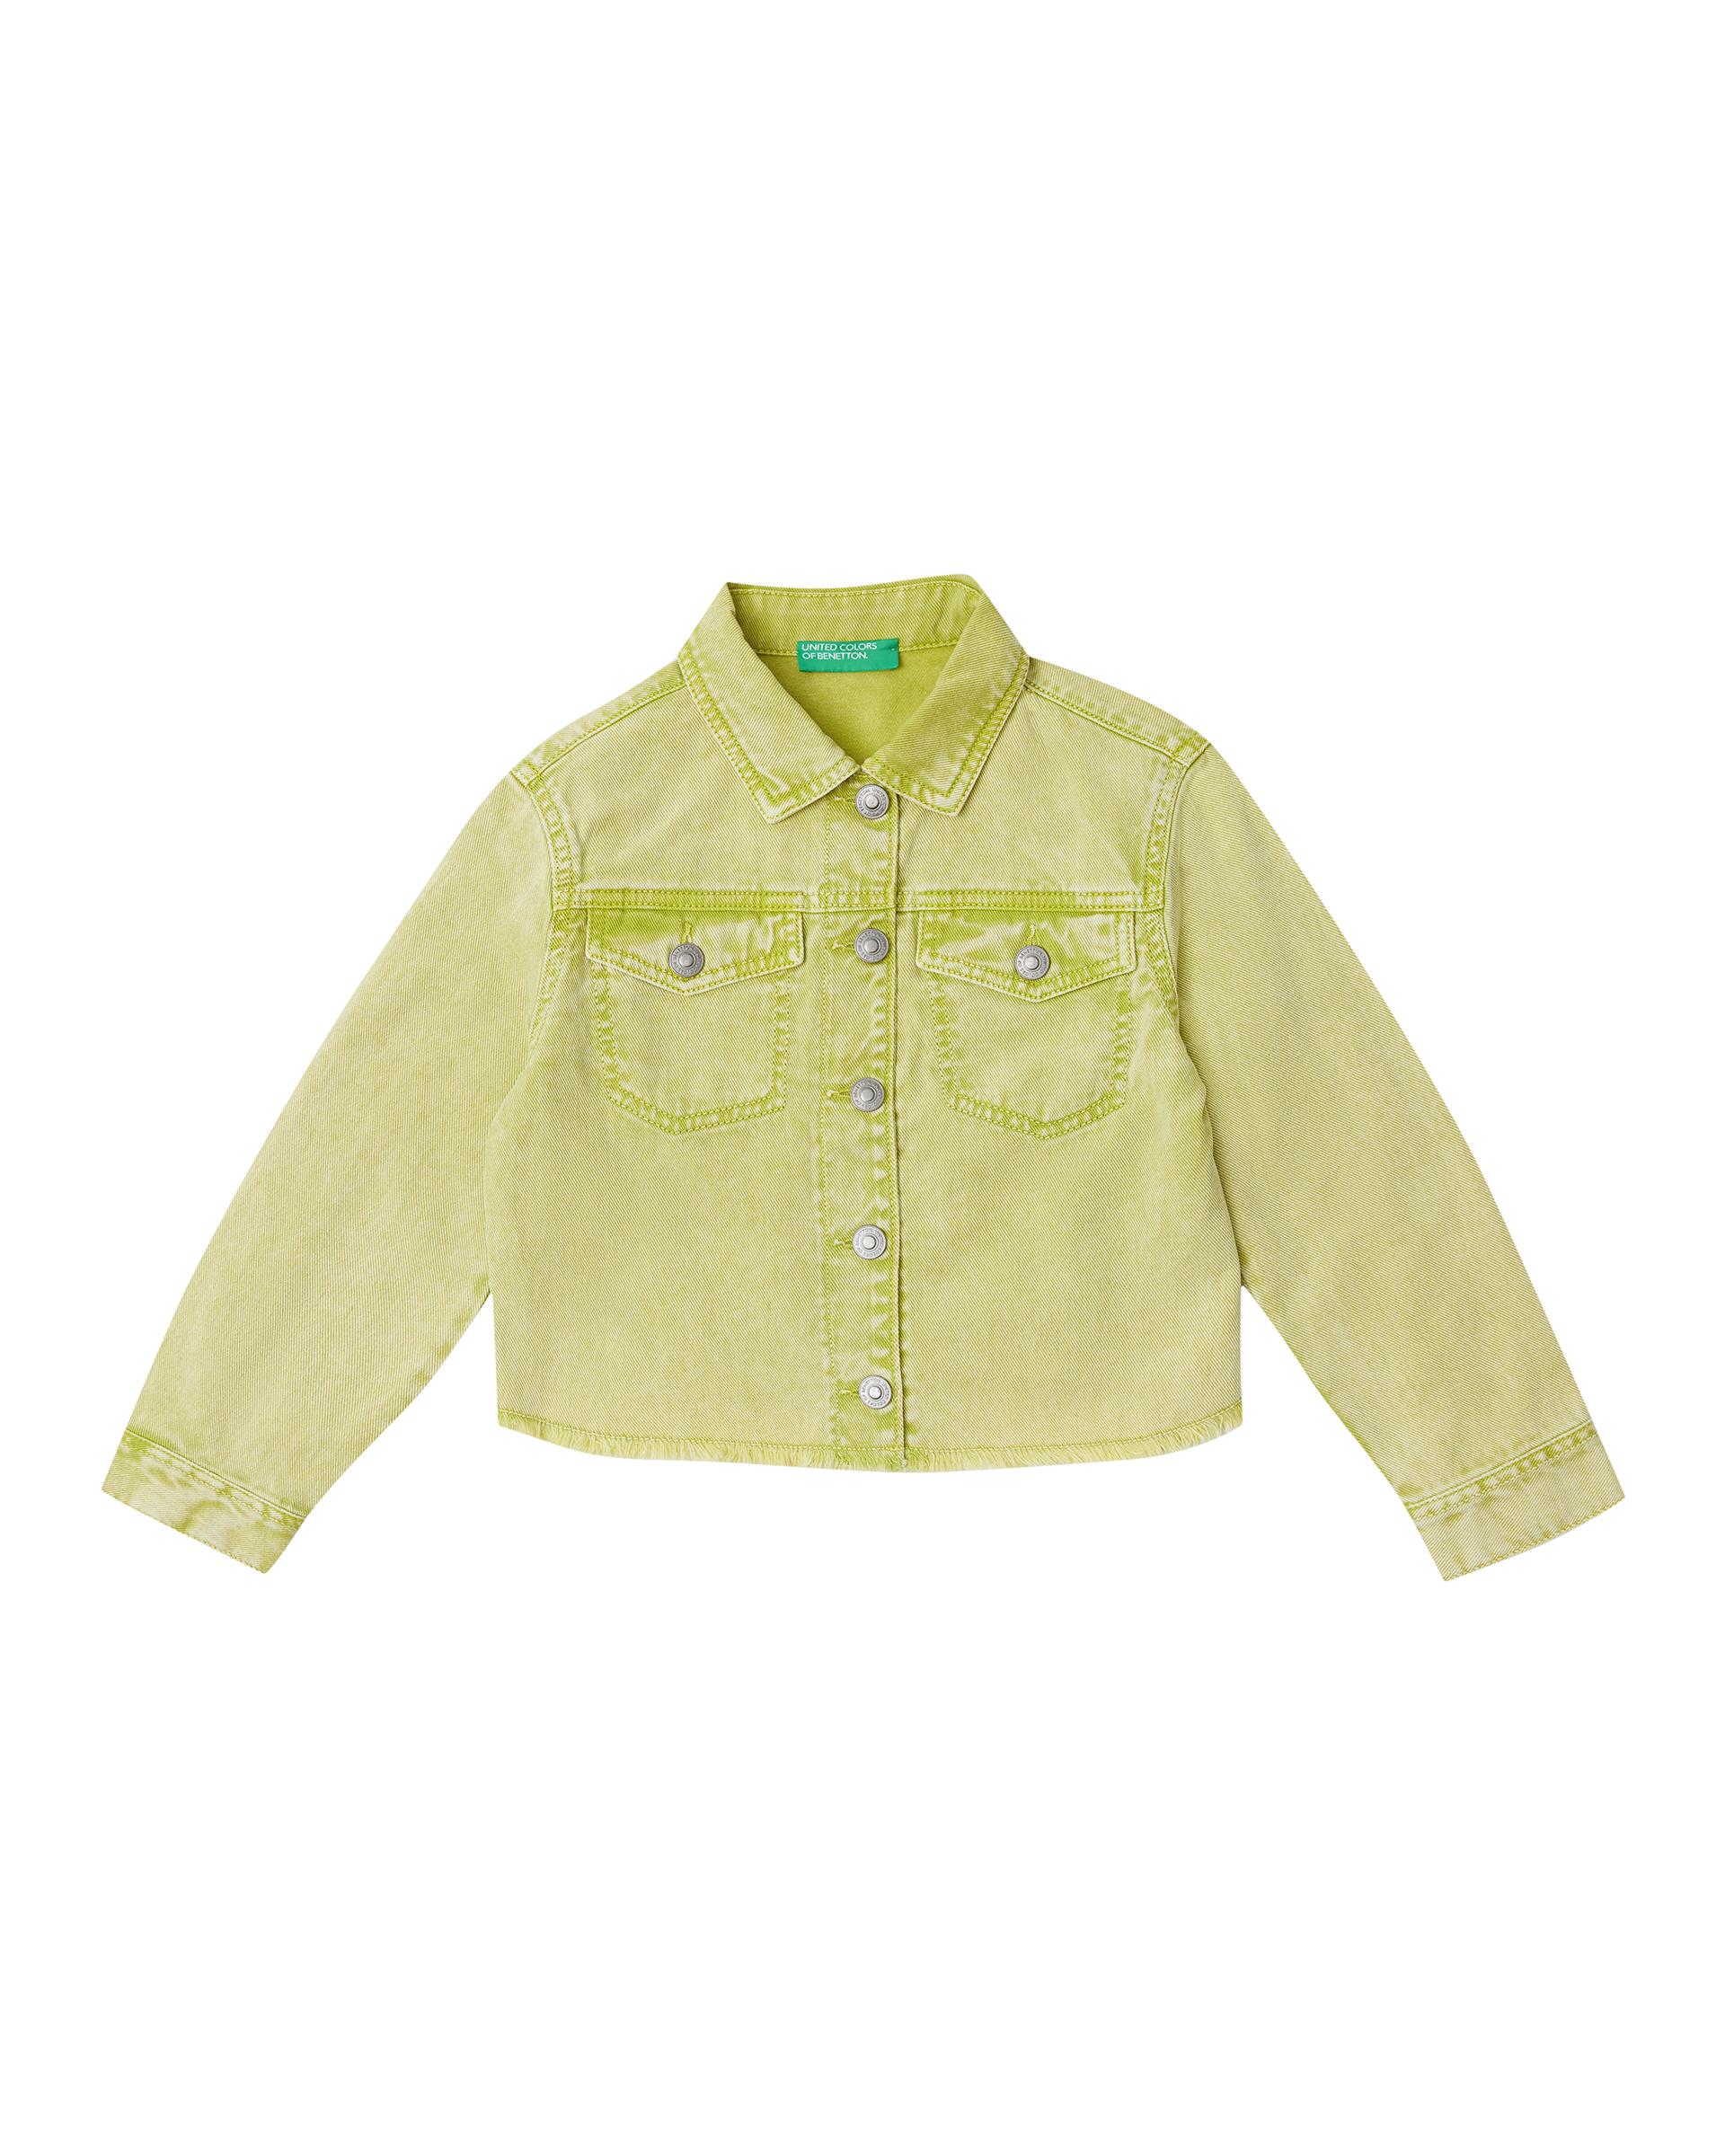 Купить 20P_2PL353HW0_902, Джинсовая куртка для девочек Benetton 2PL353HW0_902 р-р 122, United Colors of Benetton, Куртки для девочек